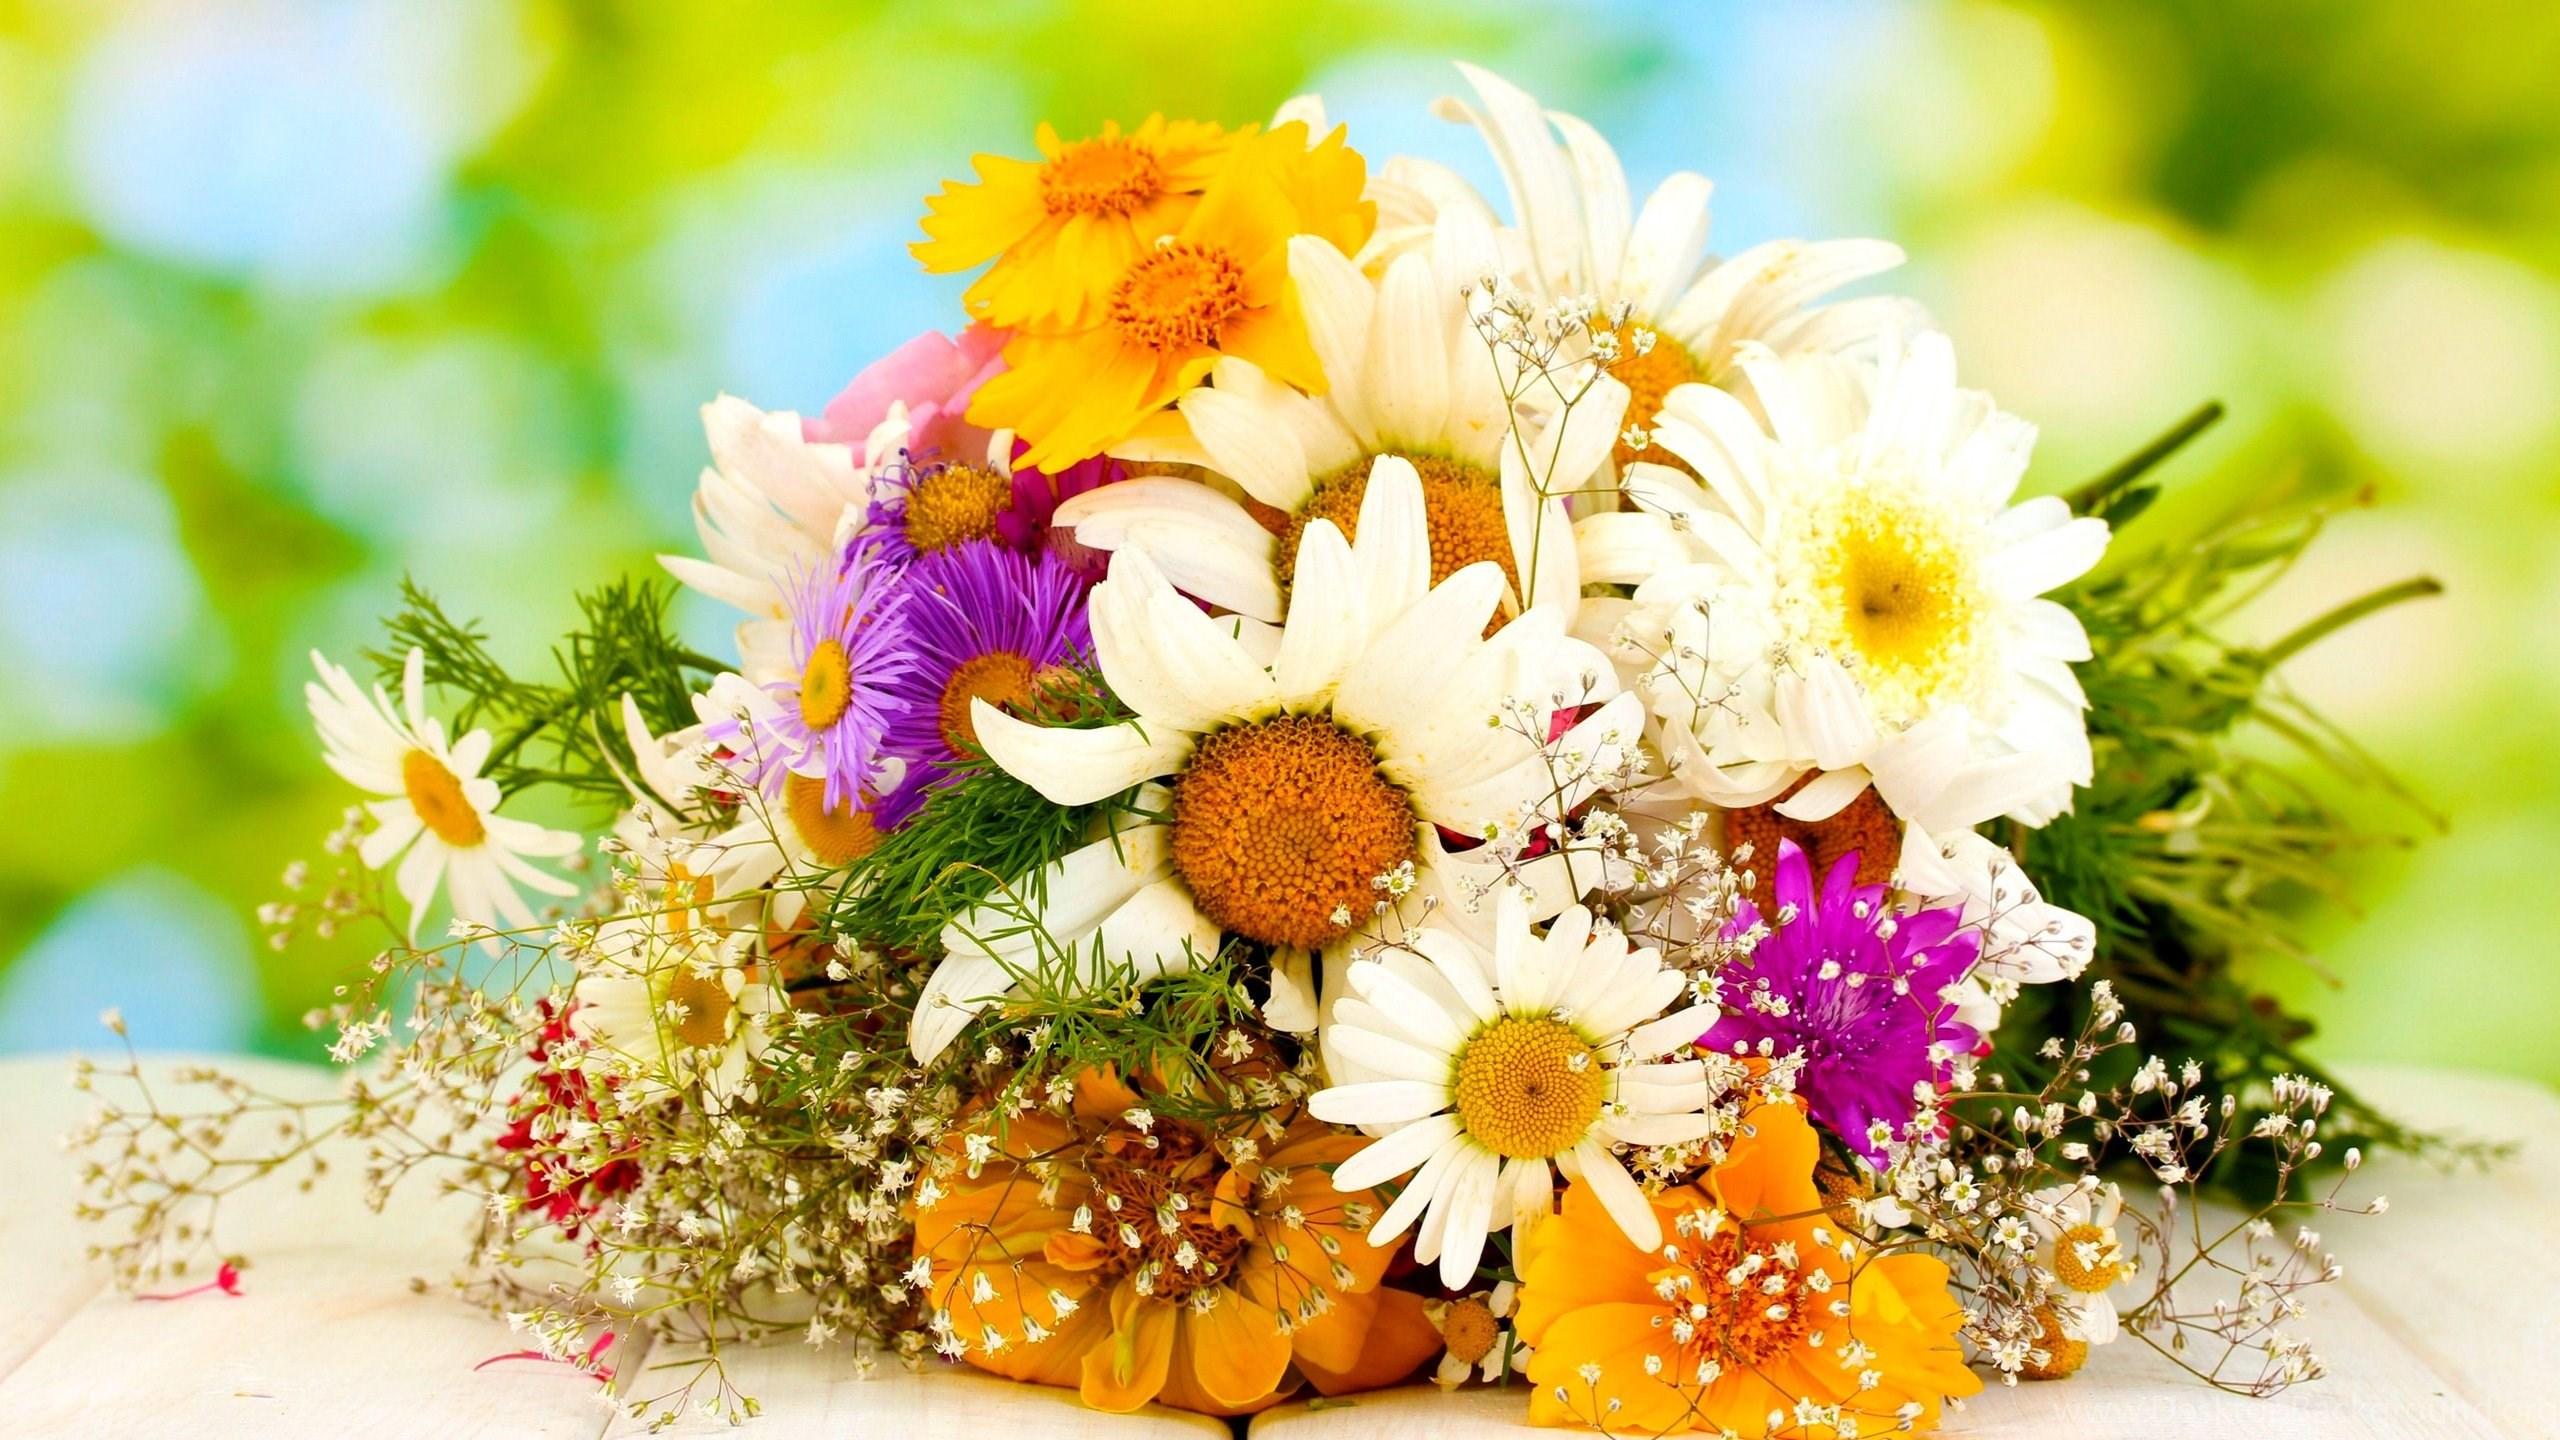 warm bouquet flowers wallpaper,warm hd wallpaper,bouquet hd